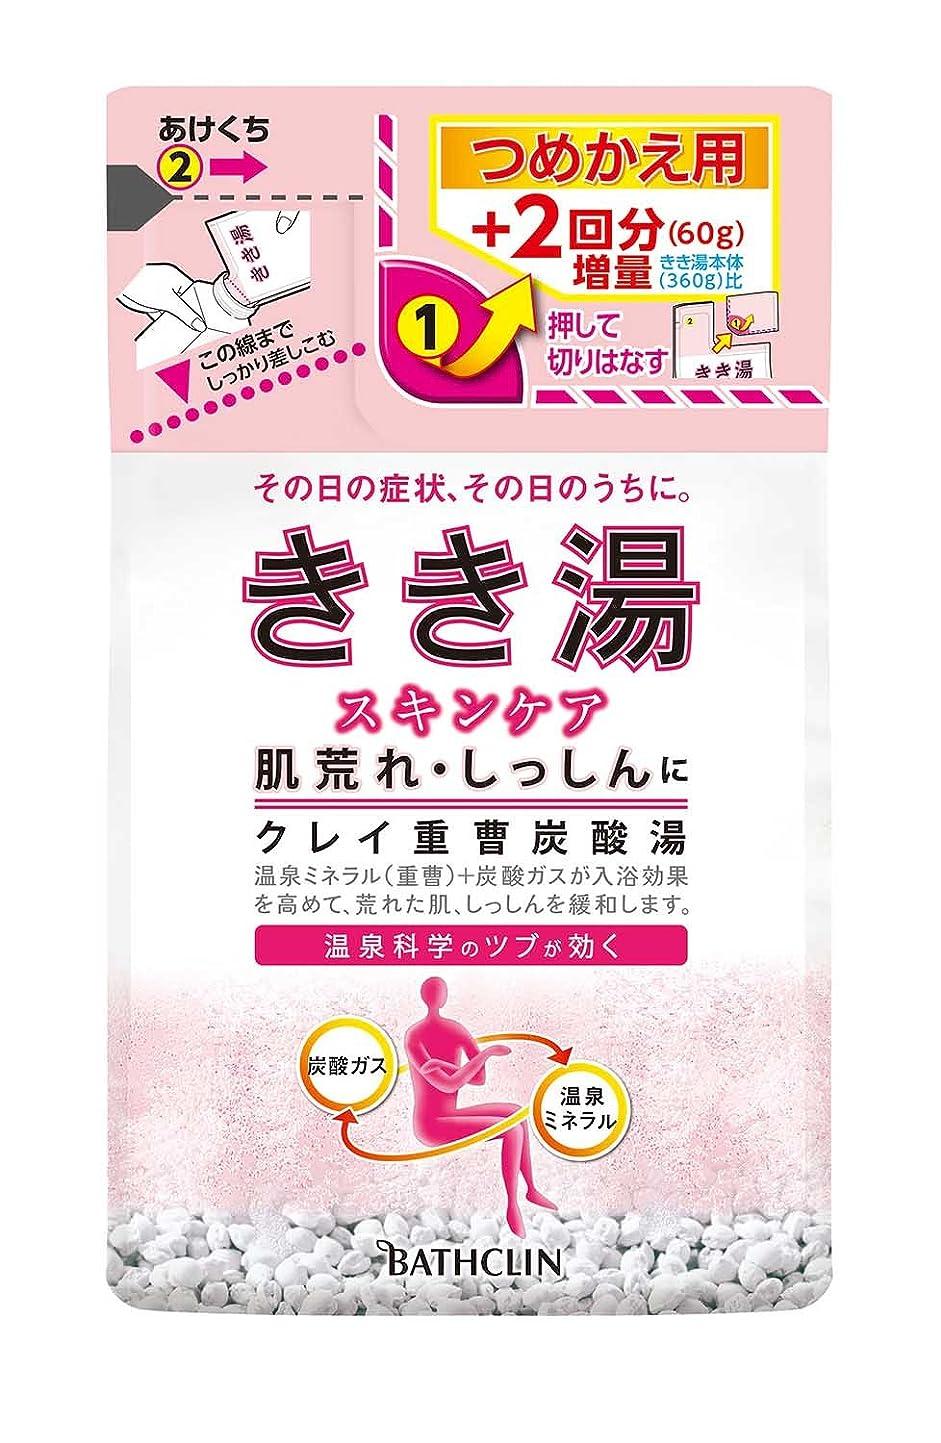 鉛筆パントリーリングきき湯 クレイ重曹炭酸湯 つめかえ用 420g 入浴剤 (医薬部外品)